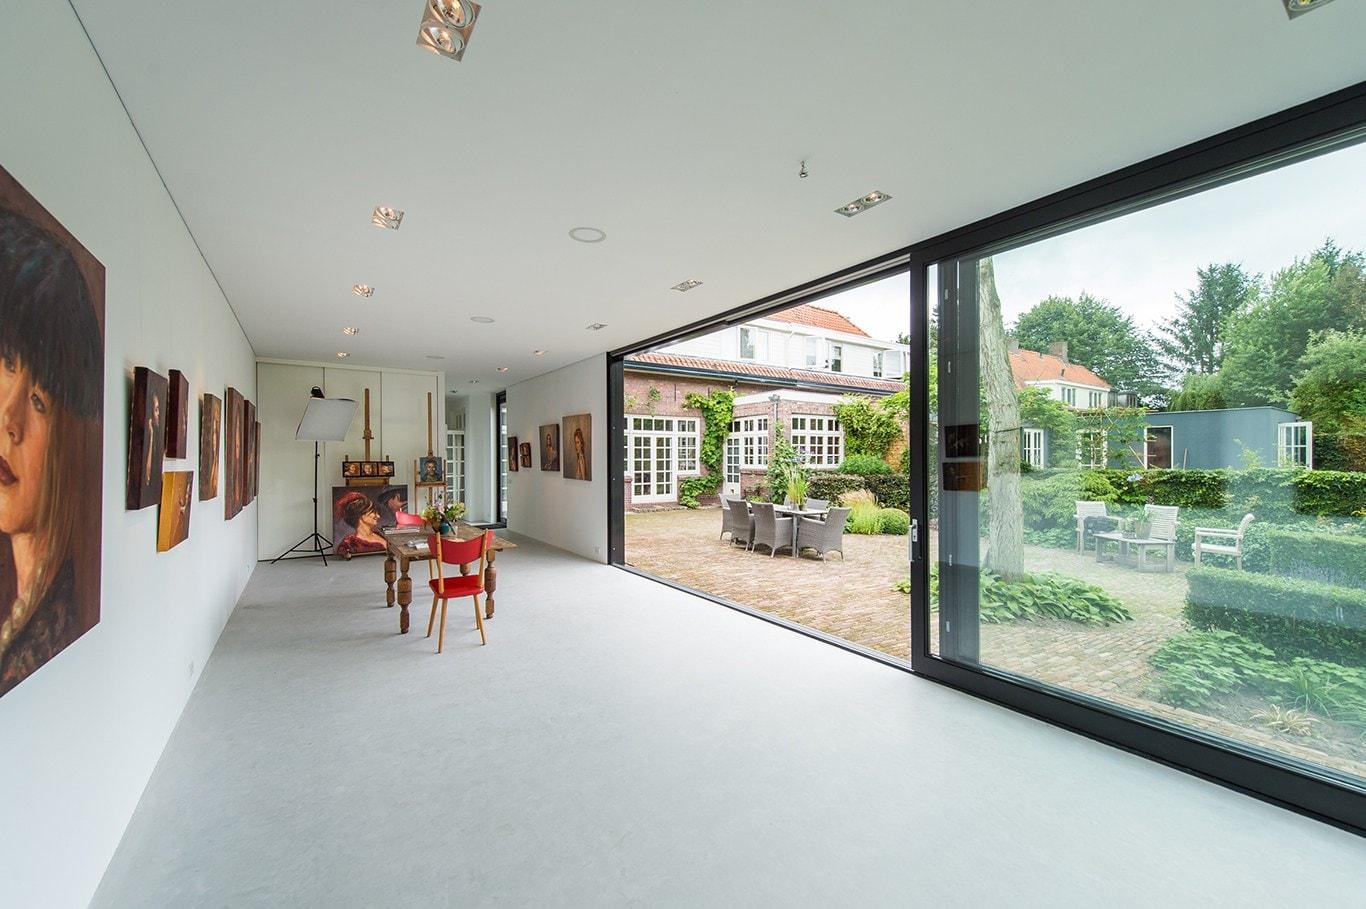 Atelier voor portretschilder in Breda. De brede glazen schuifpuien geven mooi uitzicht op de tuin mar ook op de bestaande woning.